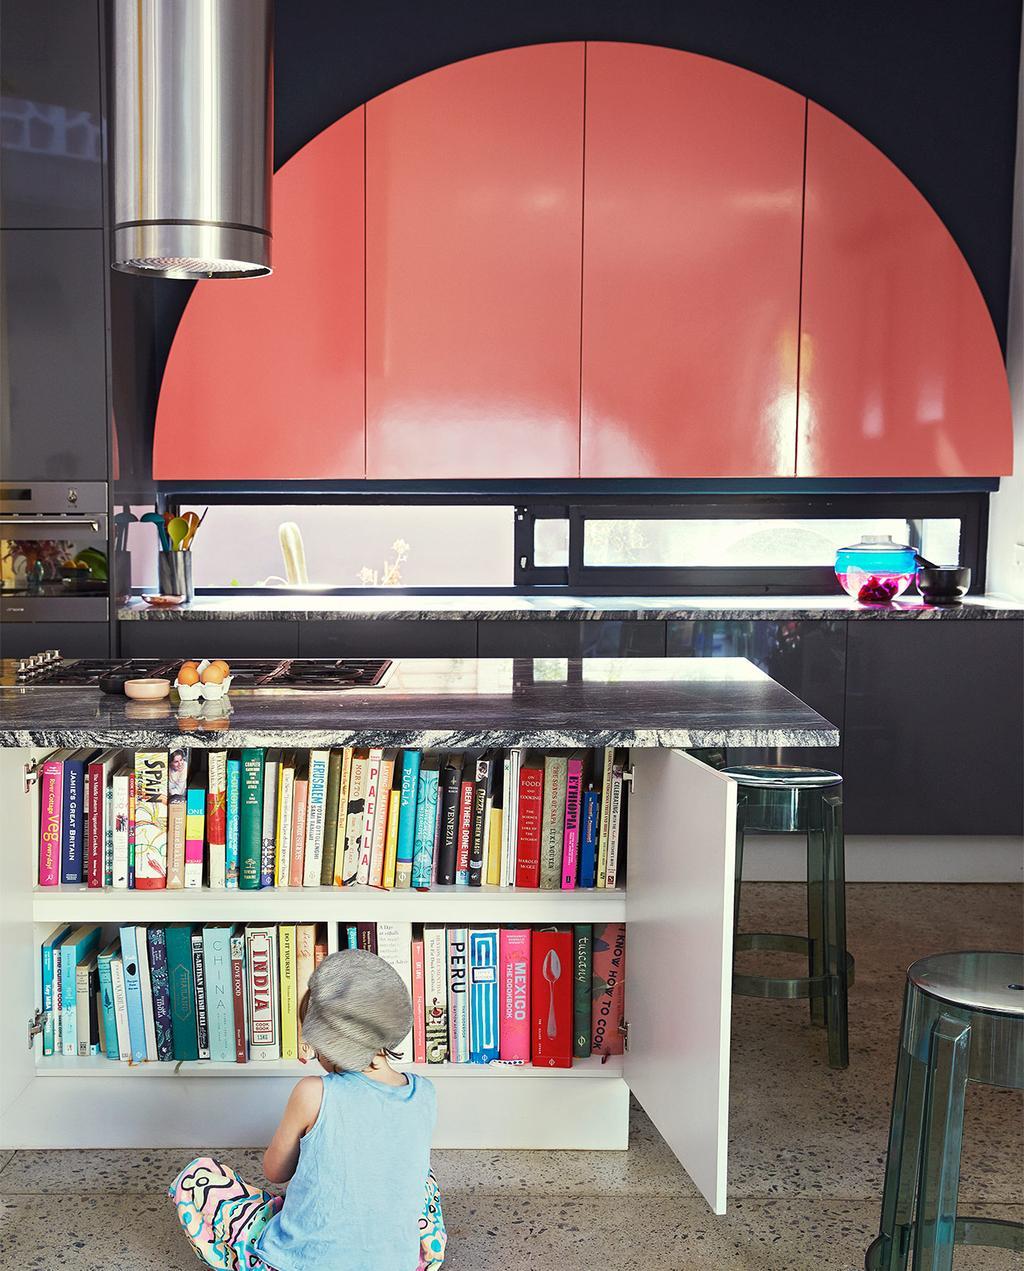 vtwonen binnenkijk special 07-2021 | het keukeneiland in de woning heeft een ingebouwde boekenkast